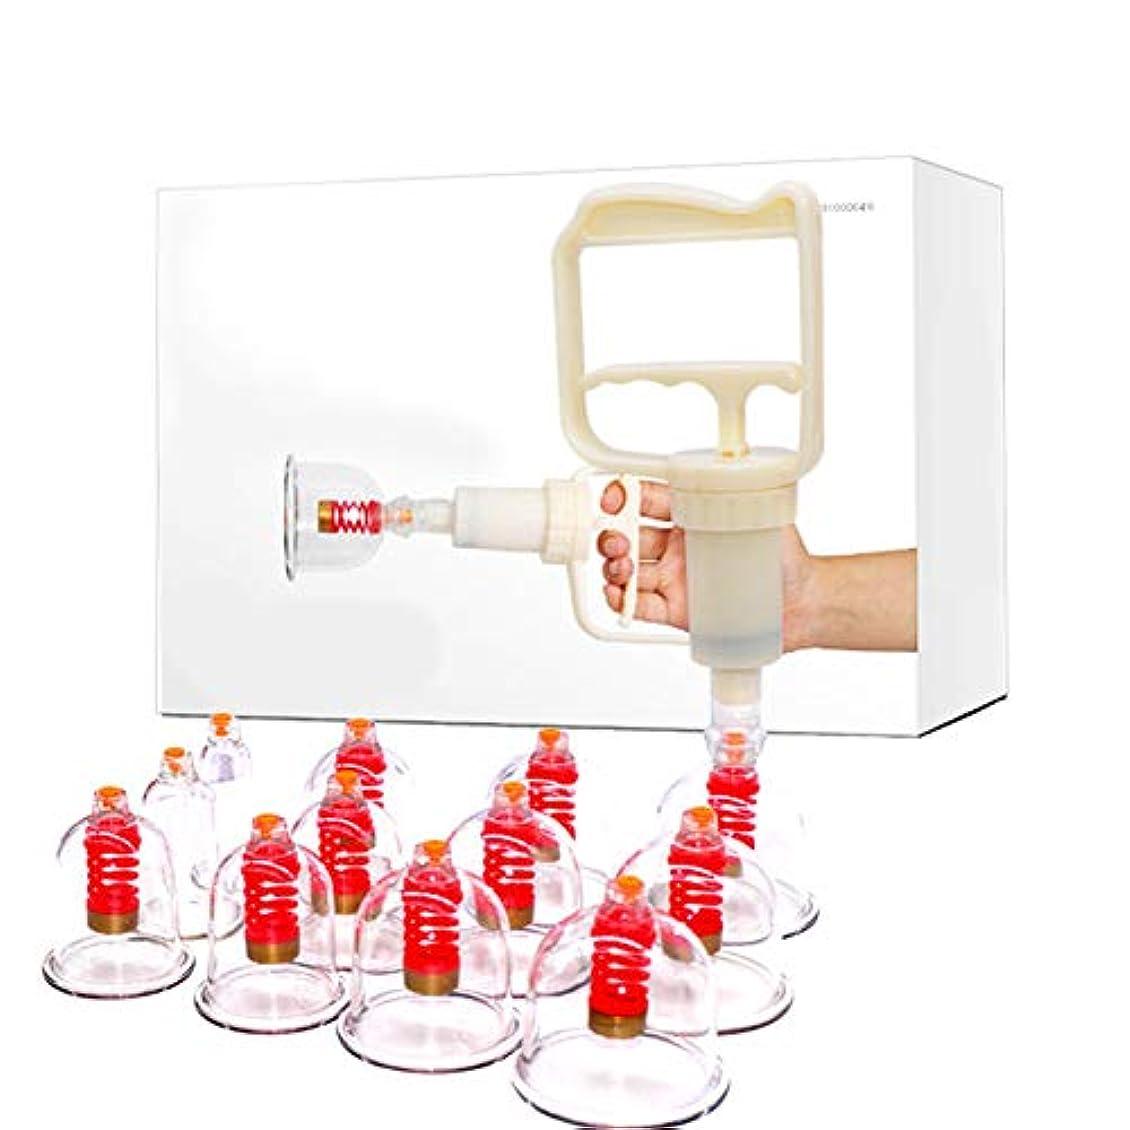 関係苦悩プラカード12カップカッピングセットプラスチック、真空吸引中国のツボ療法、在宅医療、筋肉関節痛、肩背部膝痛の軽減に最適